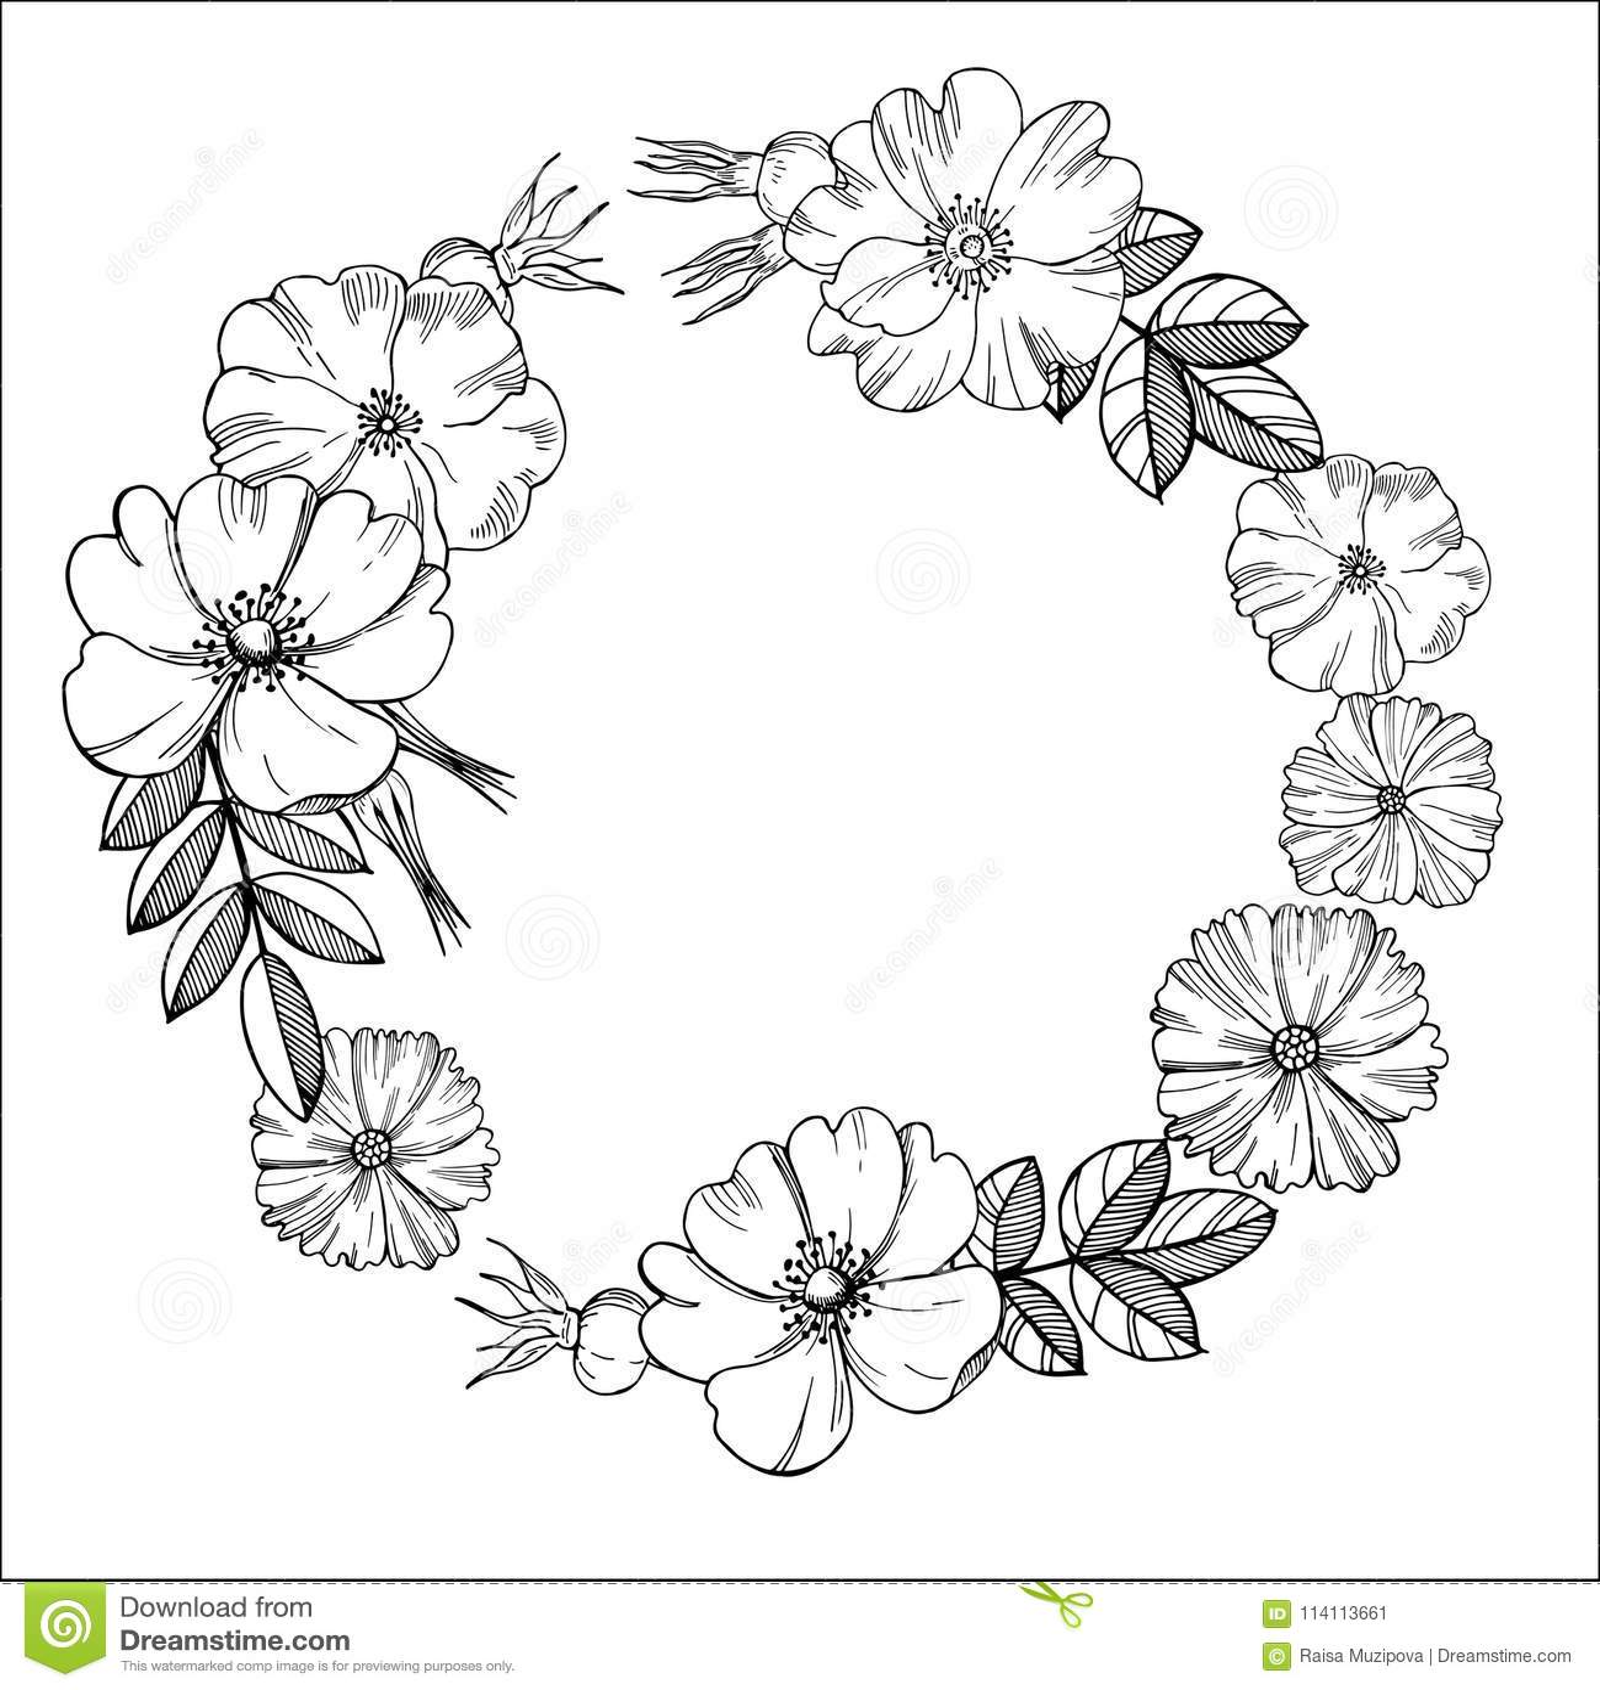 guirlande florale dessin noir et blanc des fleurs illu de vecteur illustration de vecteur. Black Bedroom Furniture Sets. Home Design Ideas